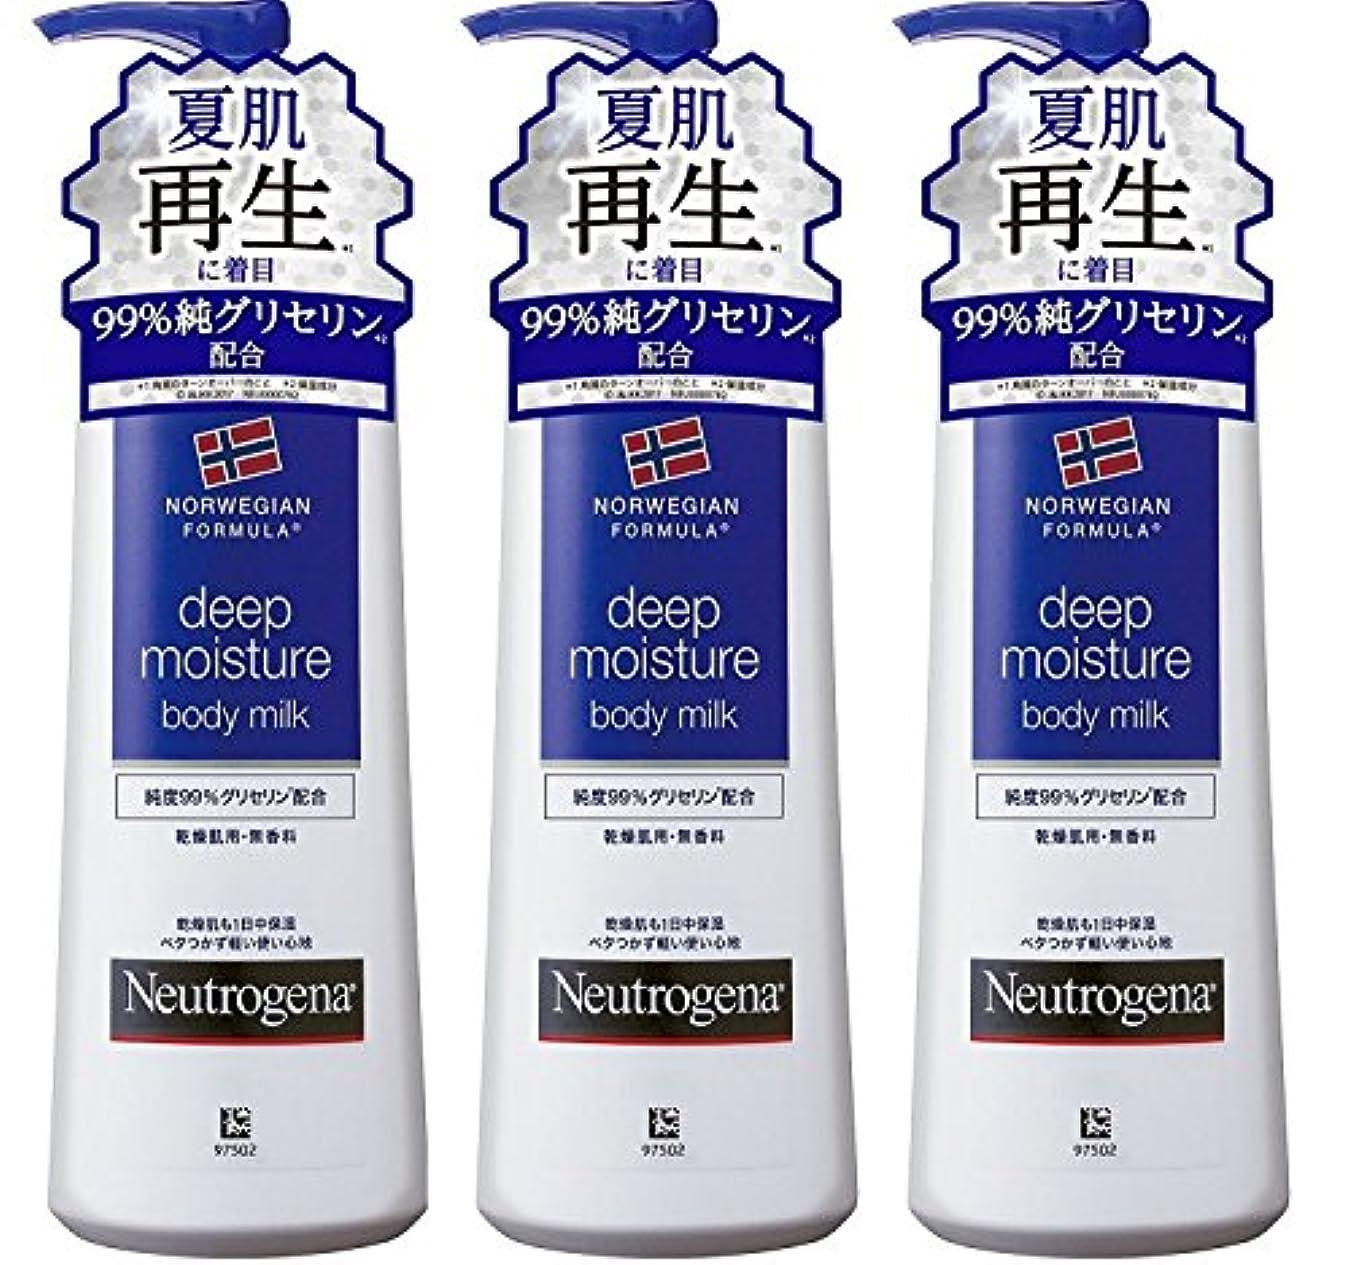 ダウン電気陽性和Neutrogena(ニュートロジーナ) ノルウェーフォーミュラ ディープモイスチャー ボディミルク250mL×3セット